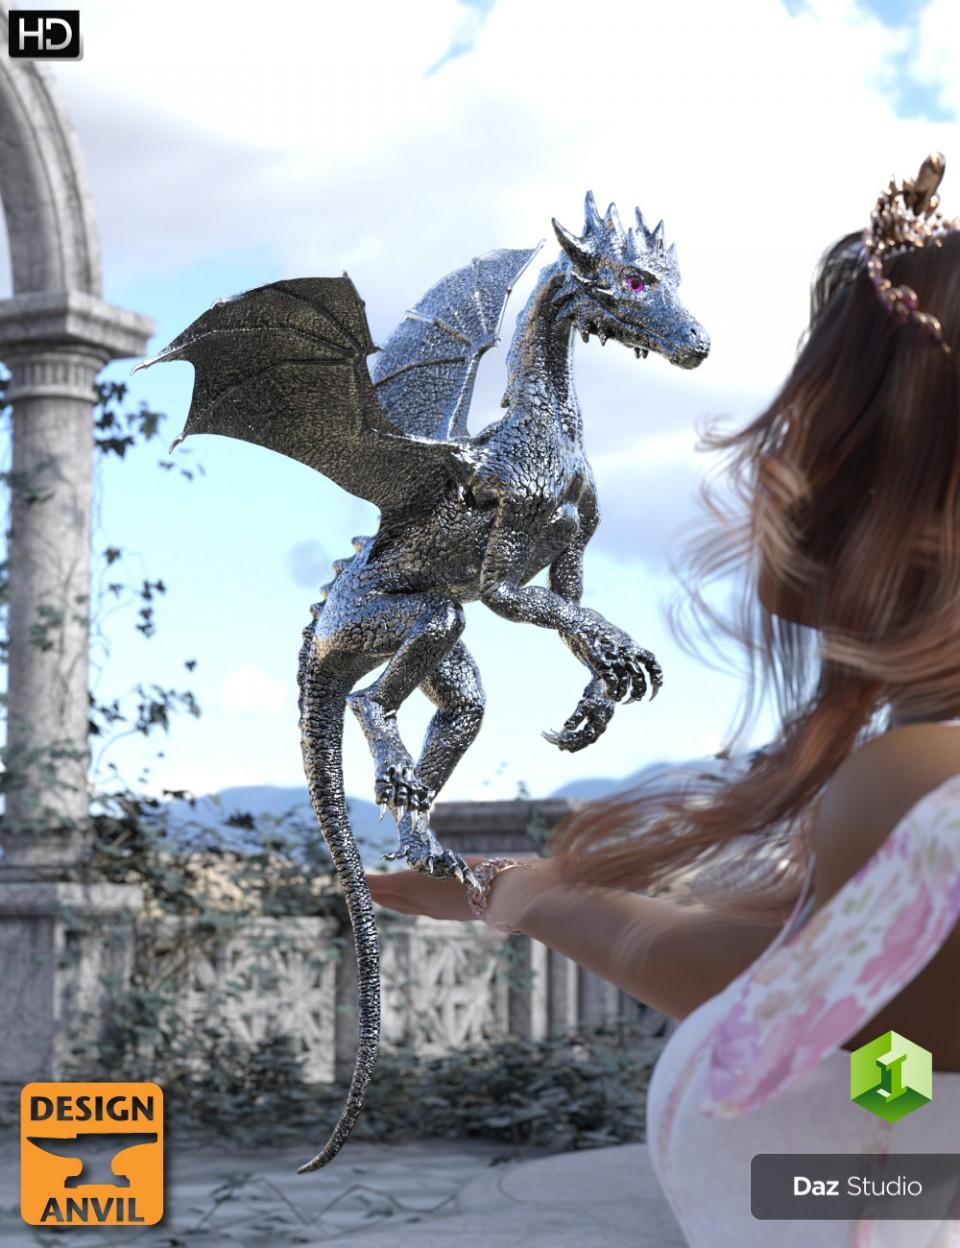 DA Dragonling HD for Daz Dragon 3_DAZ3D下载站